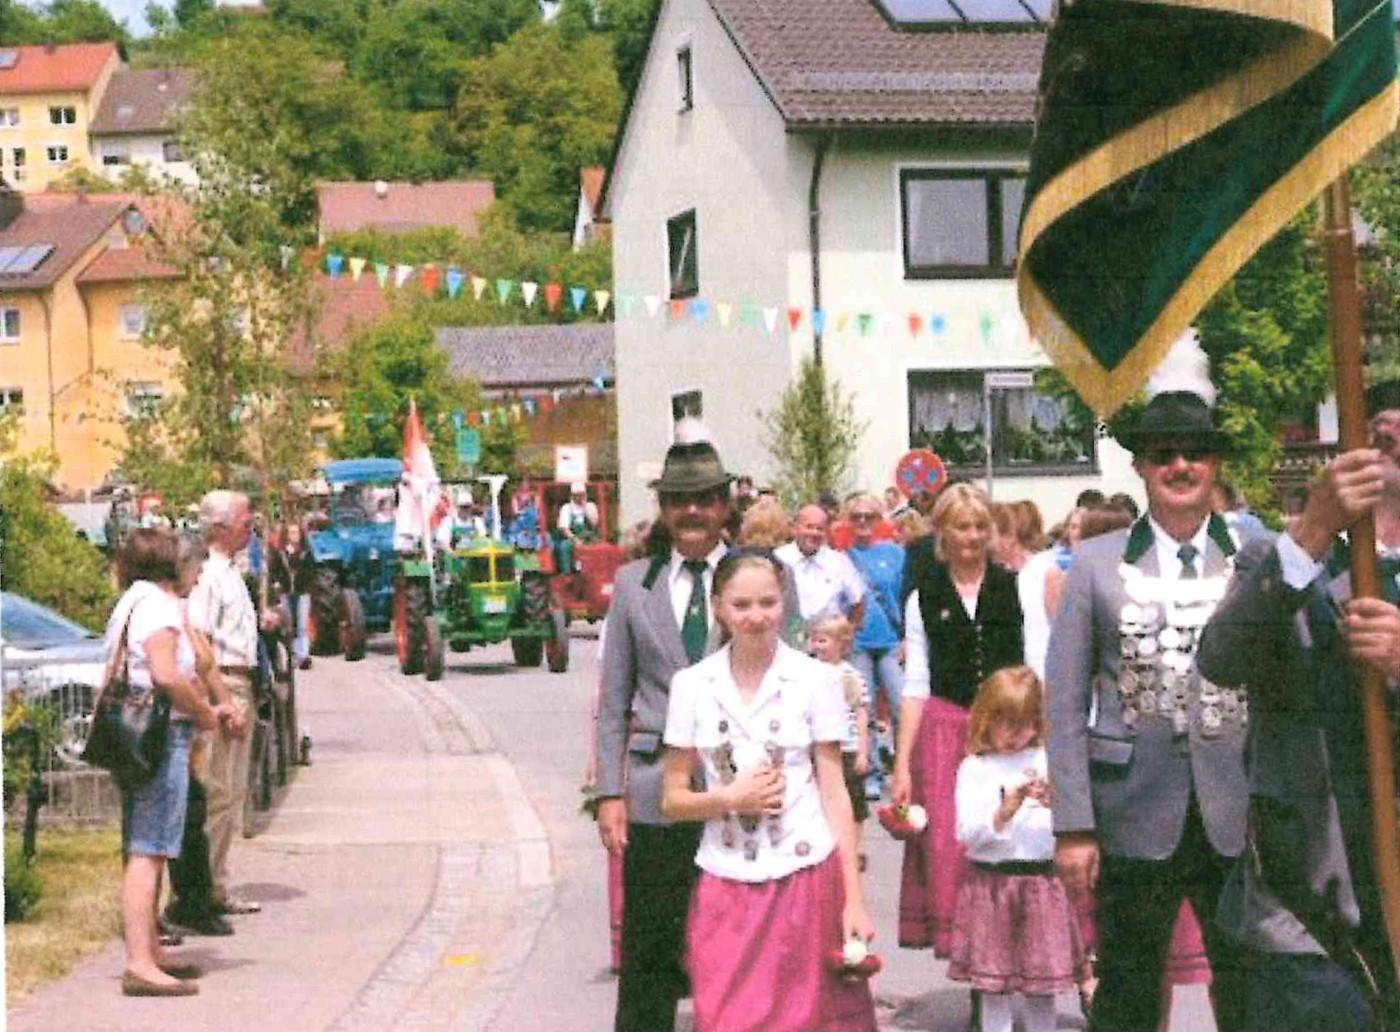 sfl-04-08-a64-jubilaeumumzugschuetzen-2008